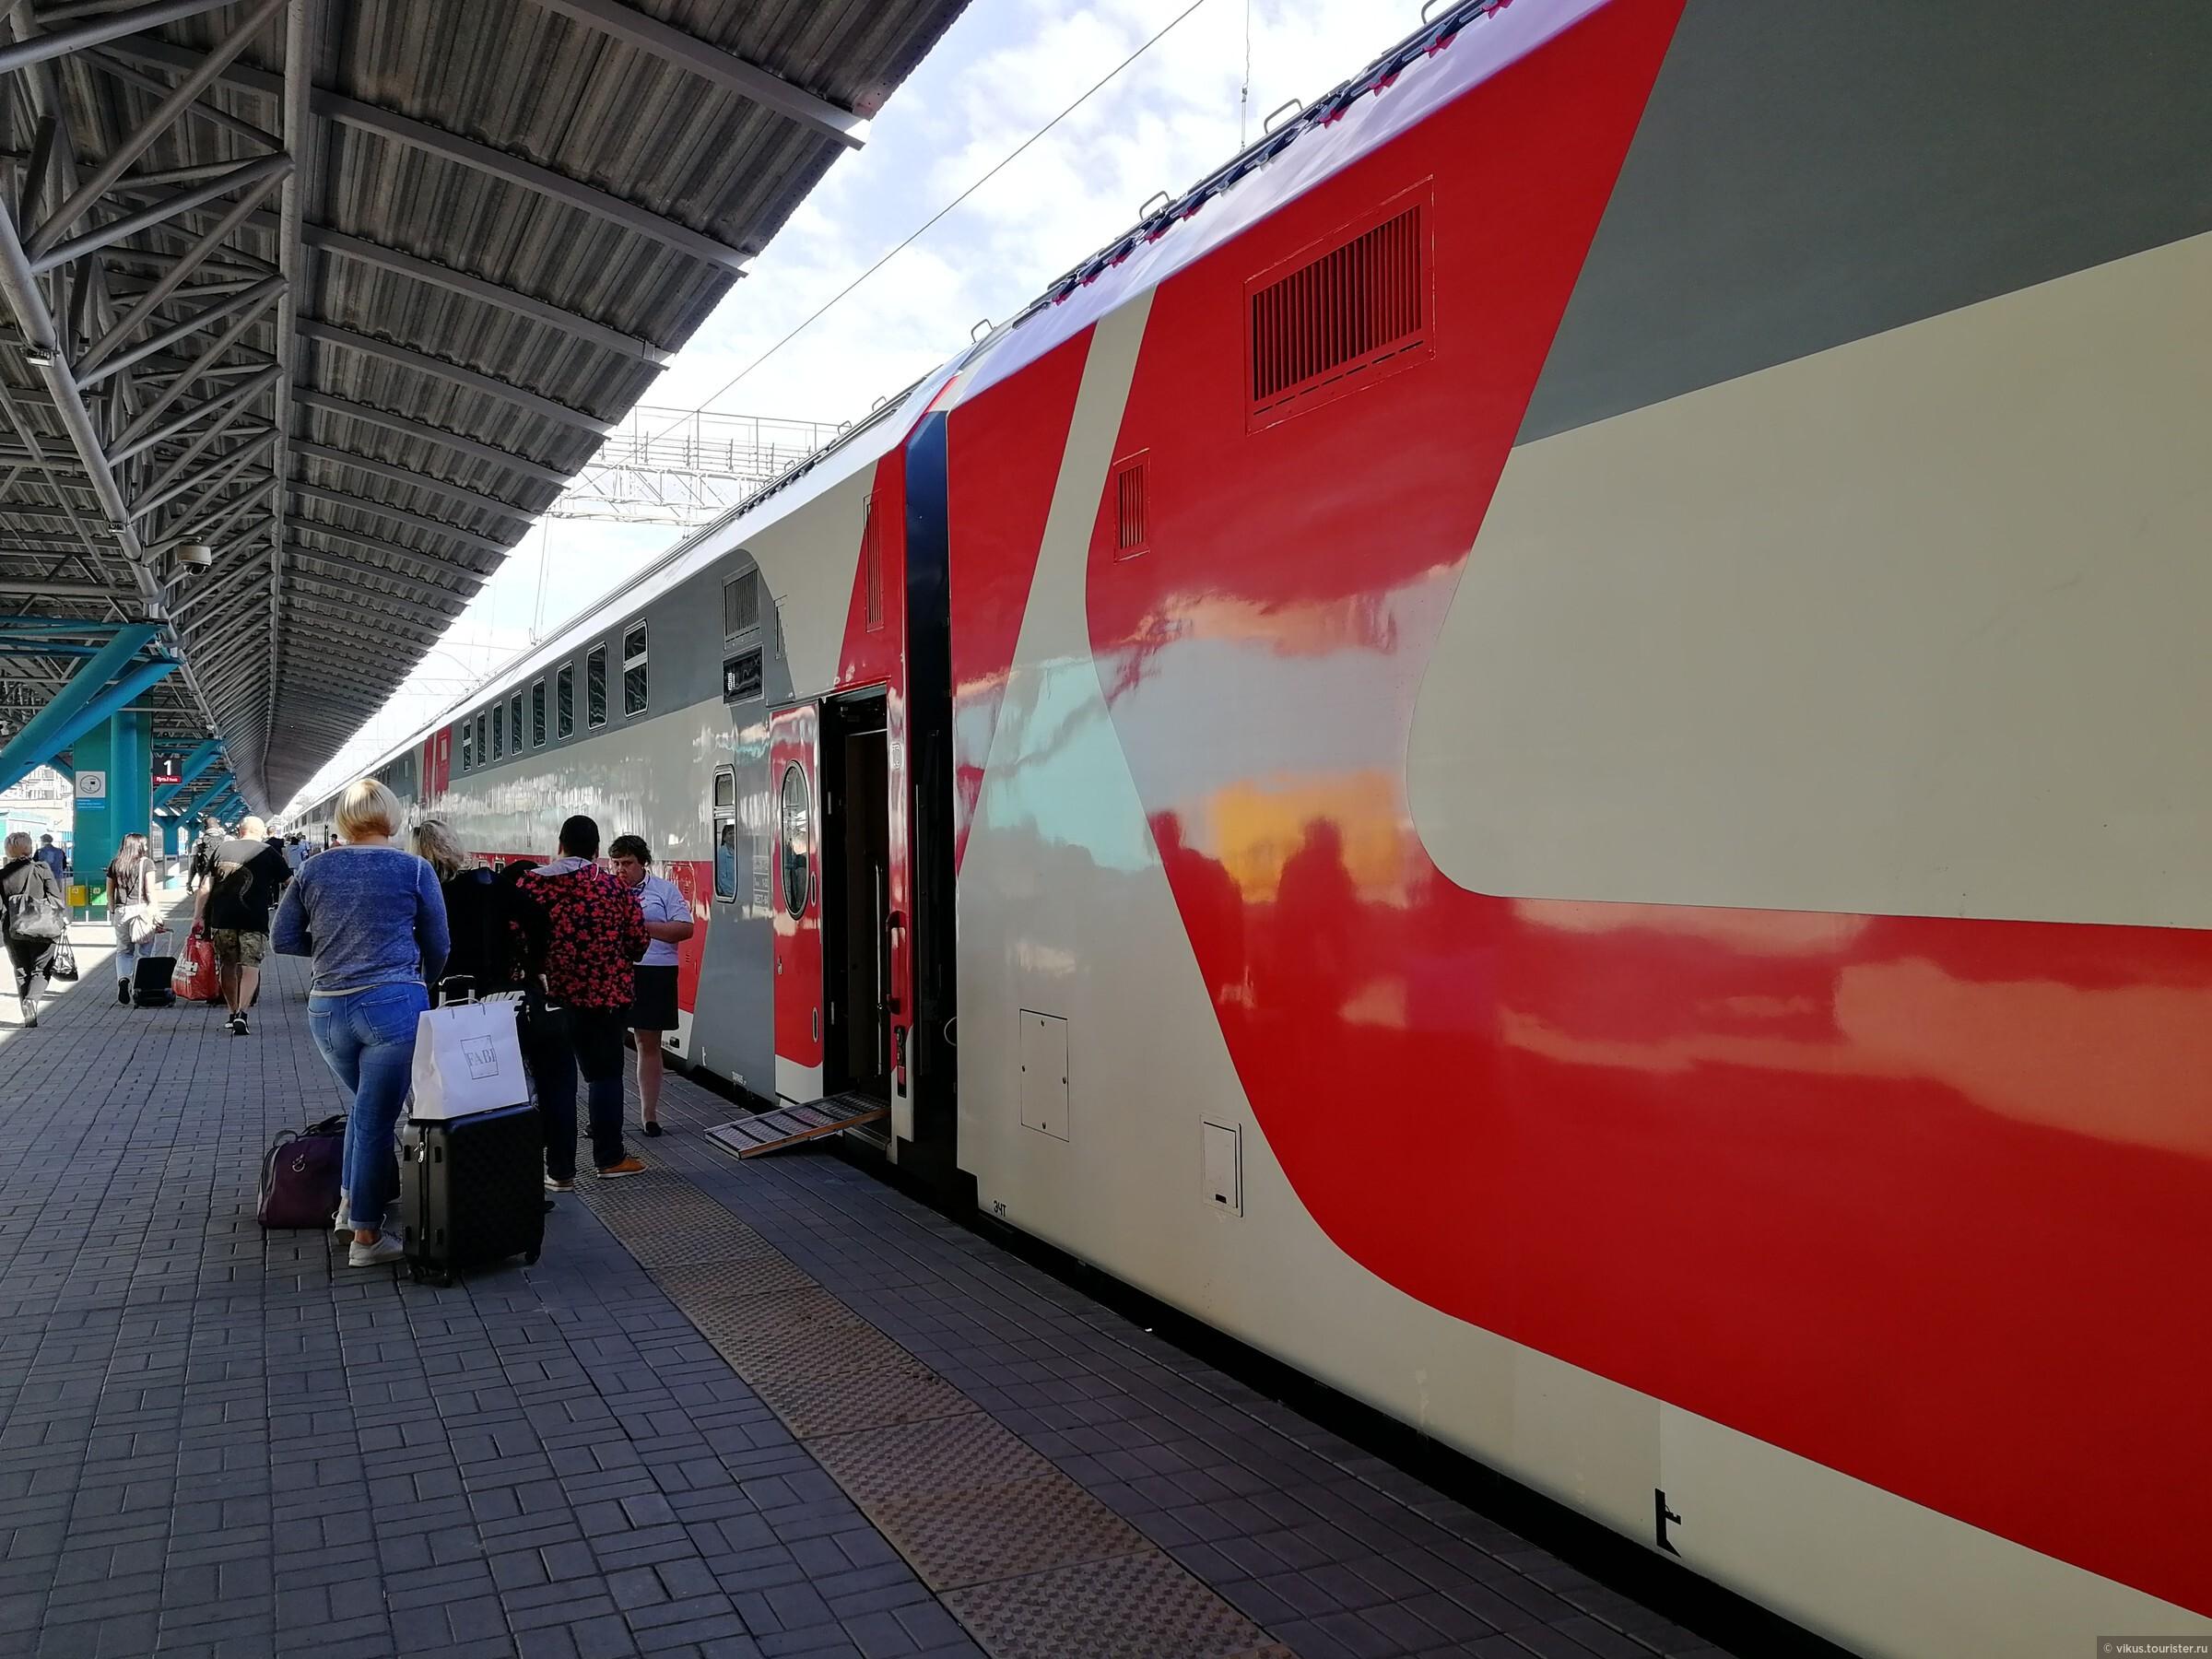 успехом фото двухэтажного поезда самара москва корабль тату